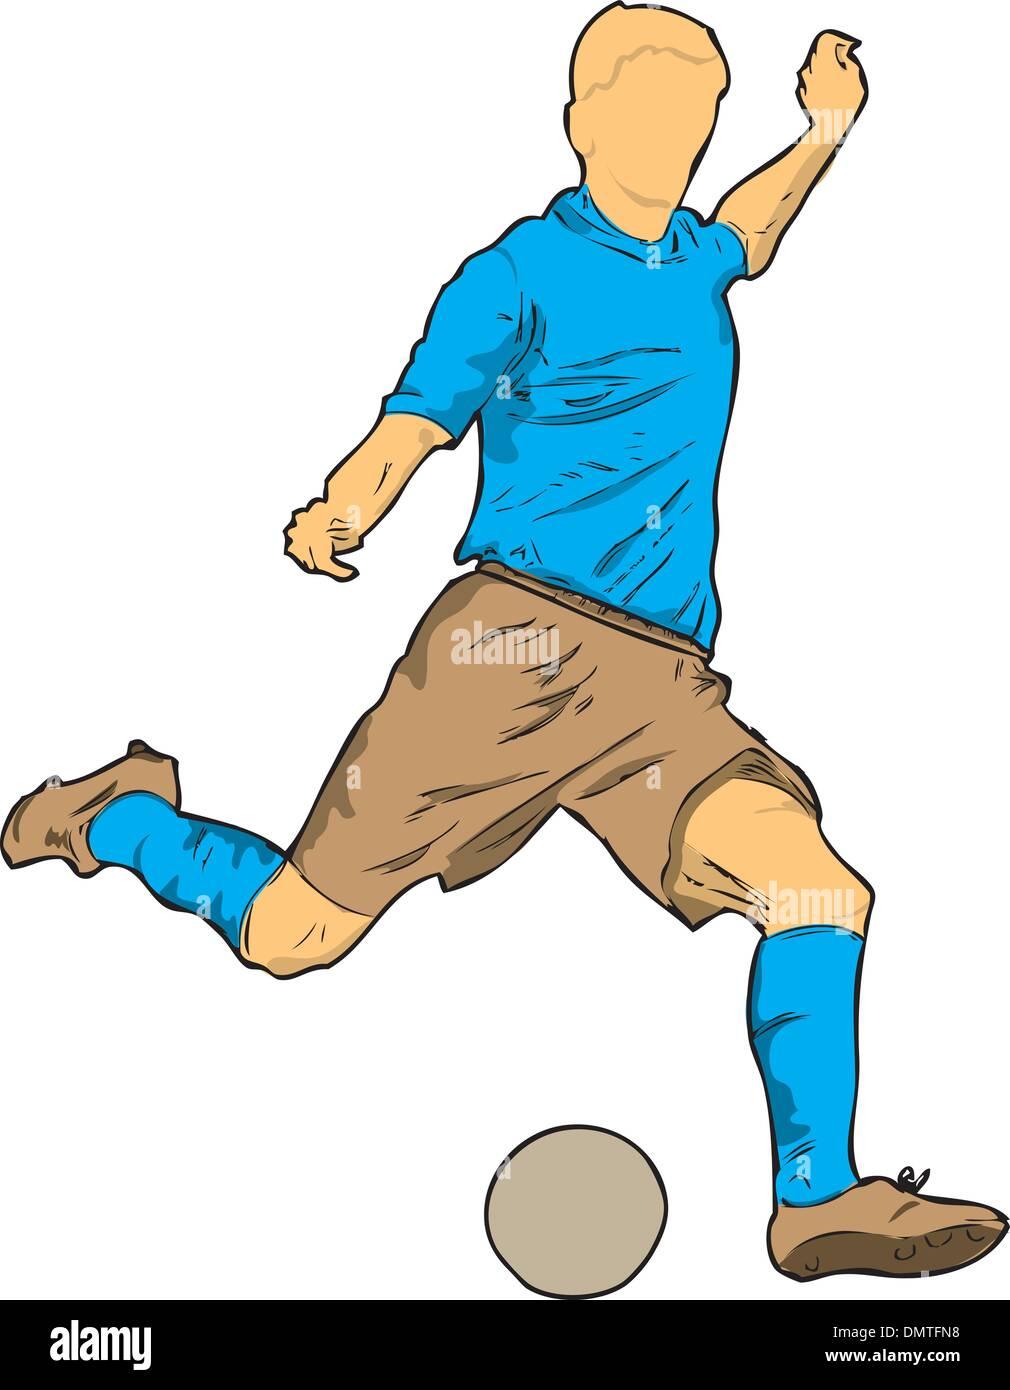 Footballer - Stock Vector